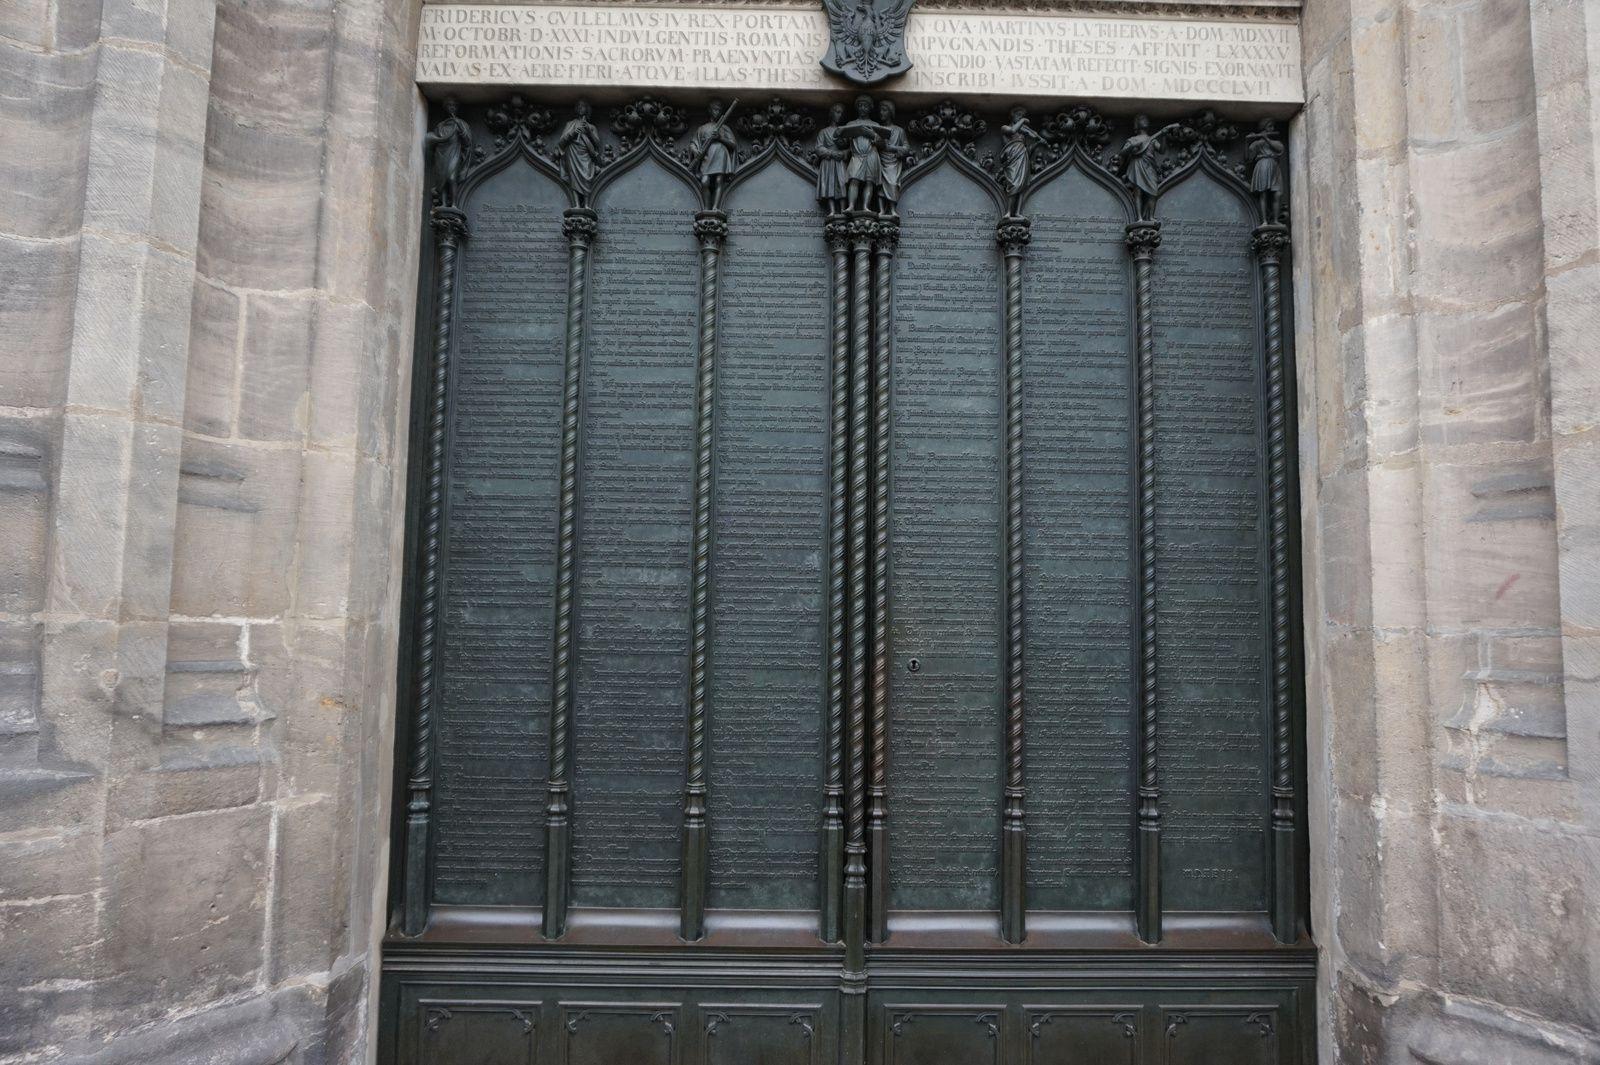 En ce jour du souvenir des disparus, quelques tombes pour rappeler leur souvenir... Martin Luther